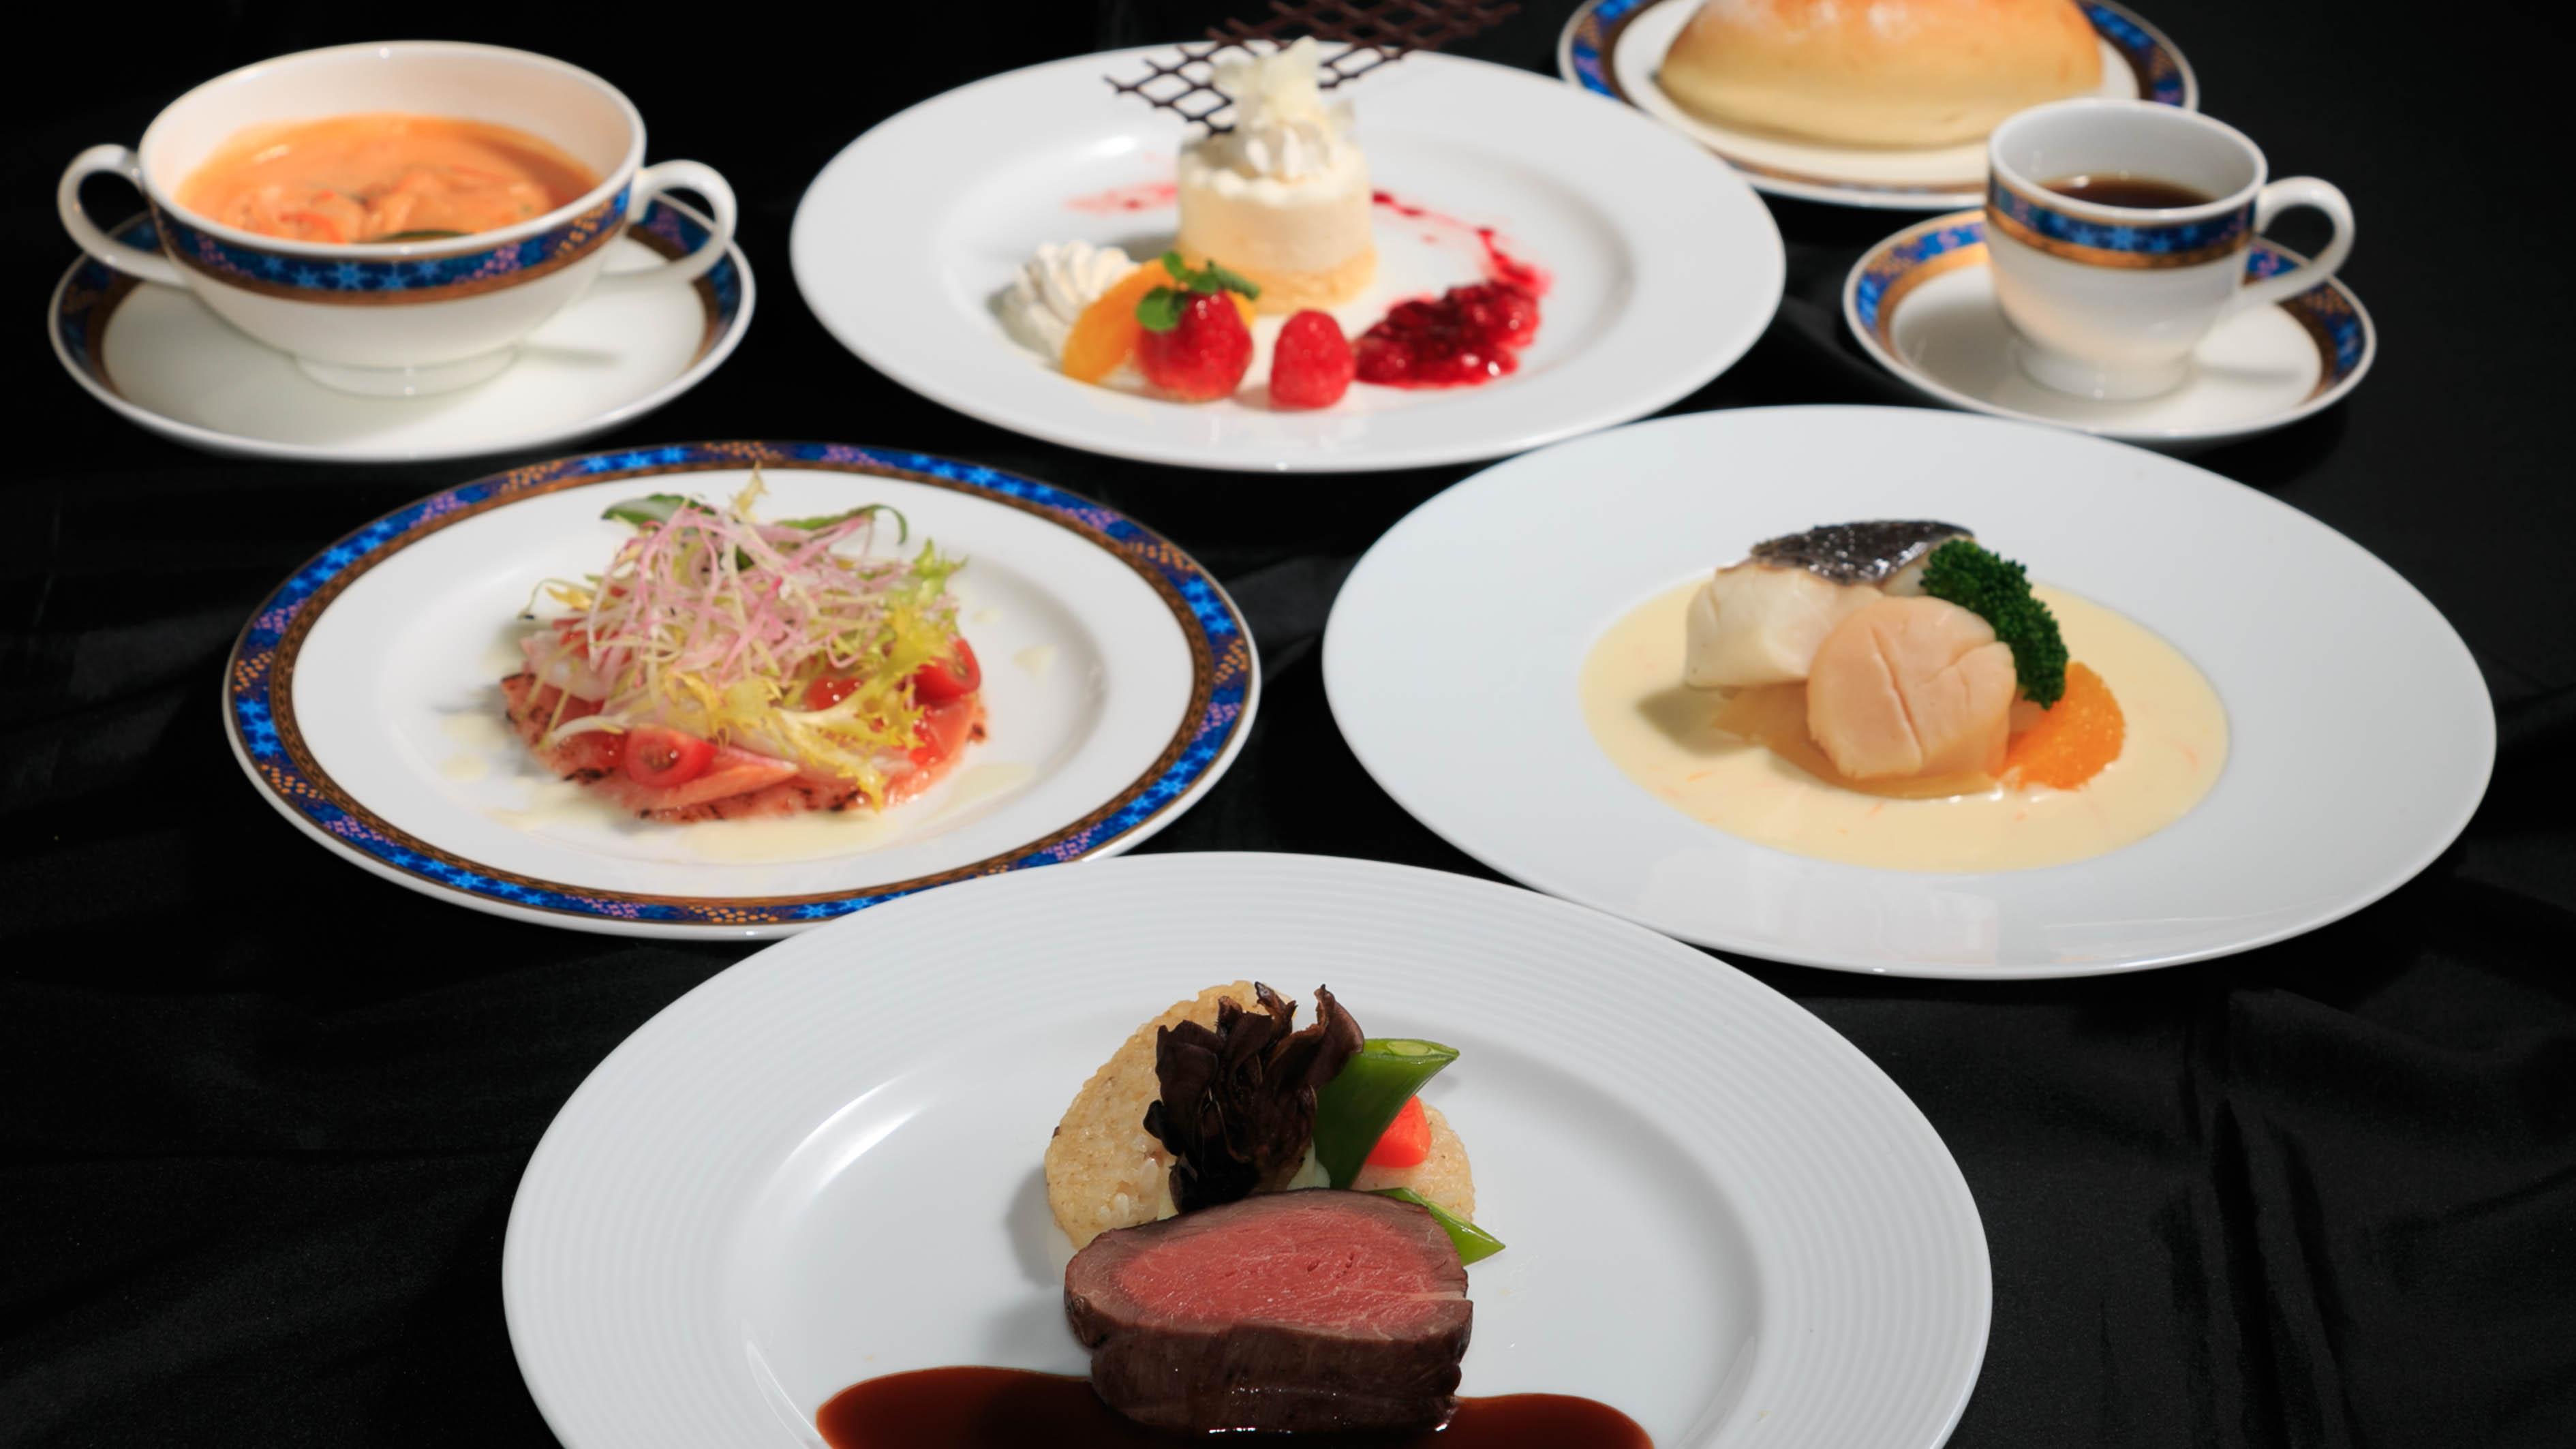 Western cuisine course